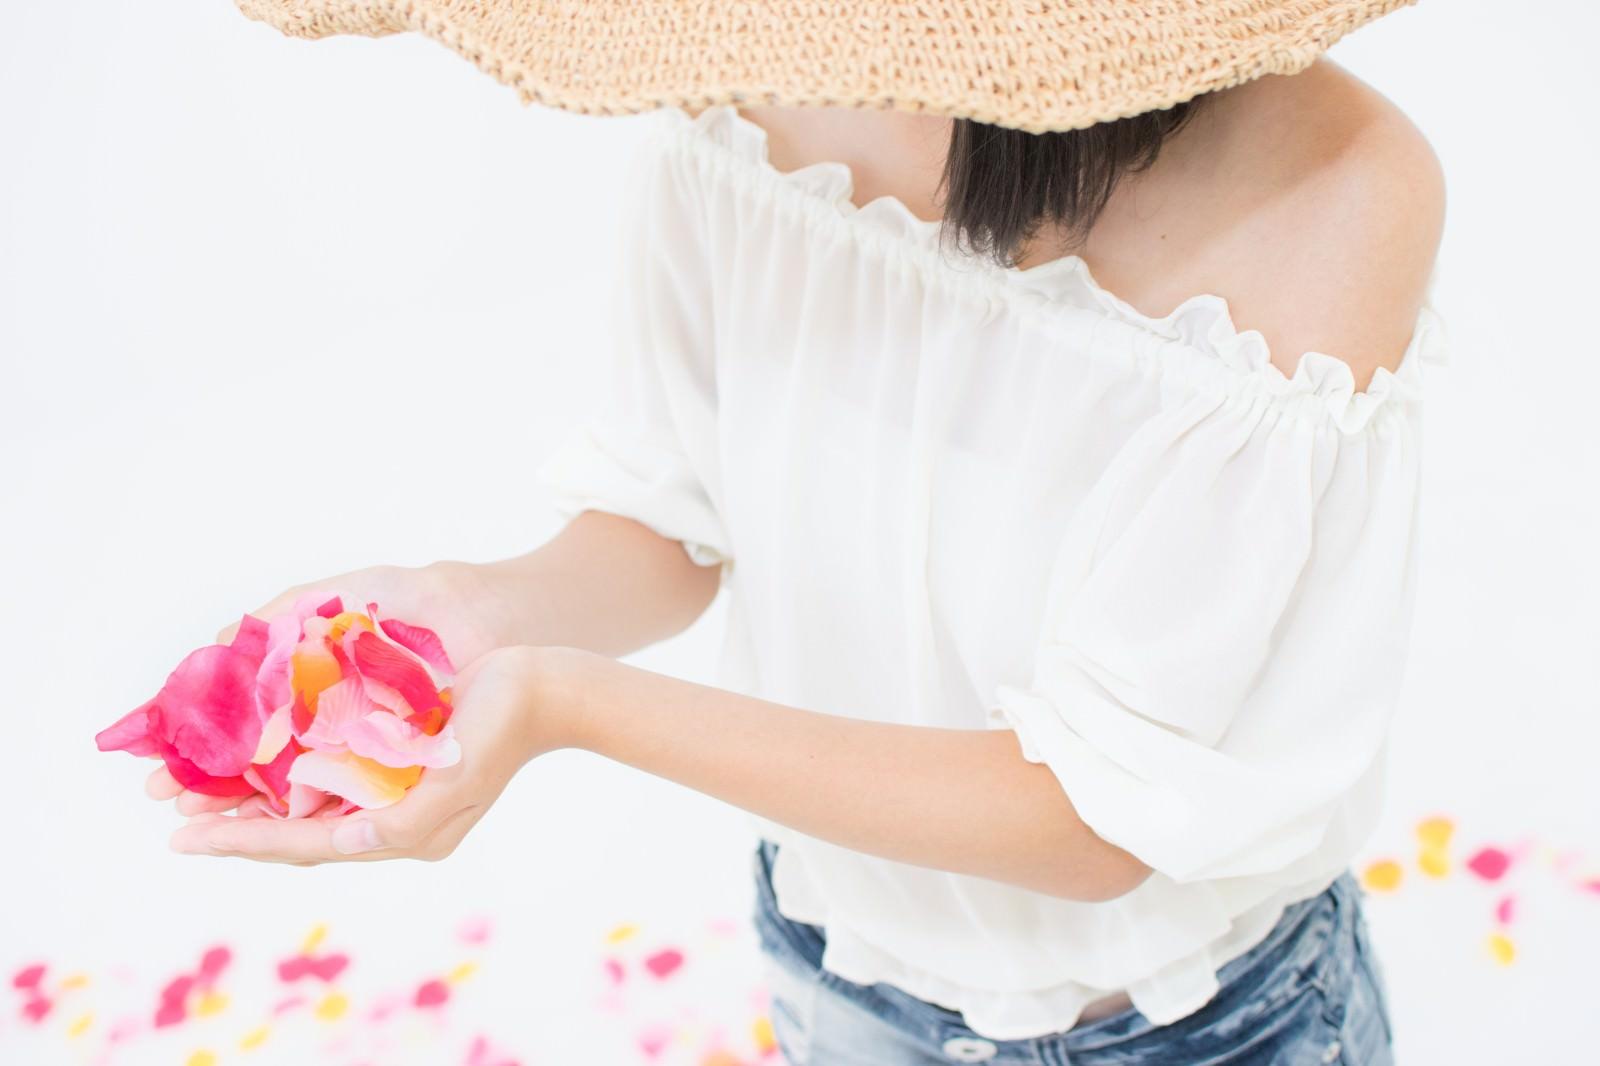 「両手からこぼれる花びら」の写真